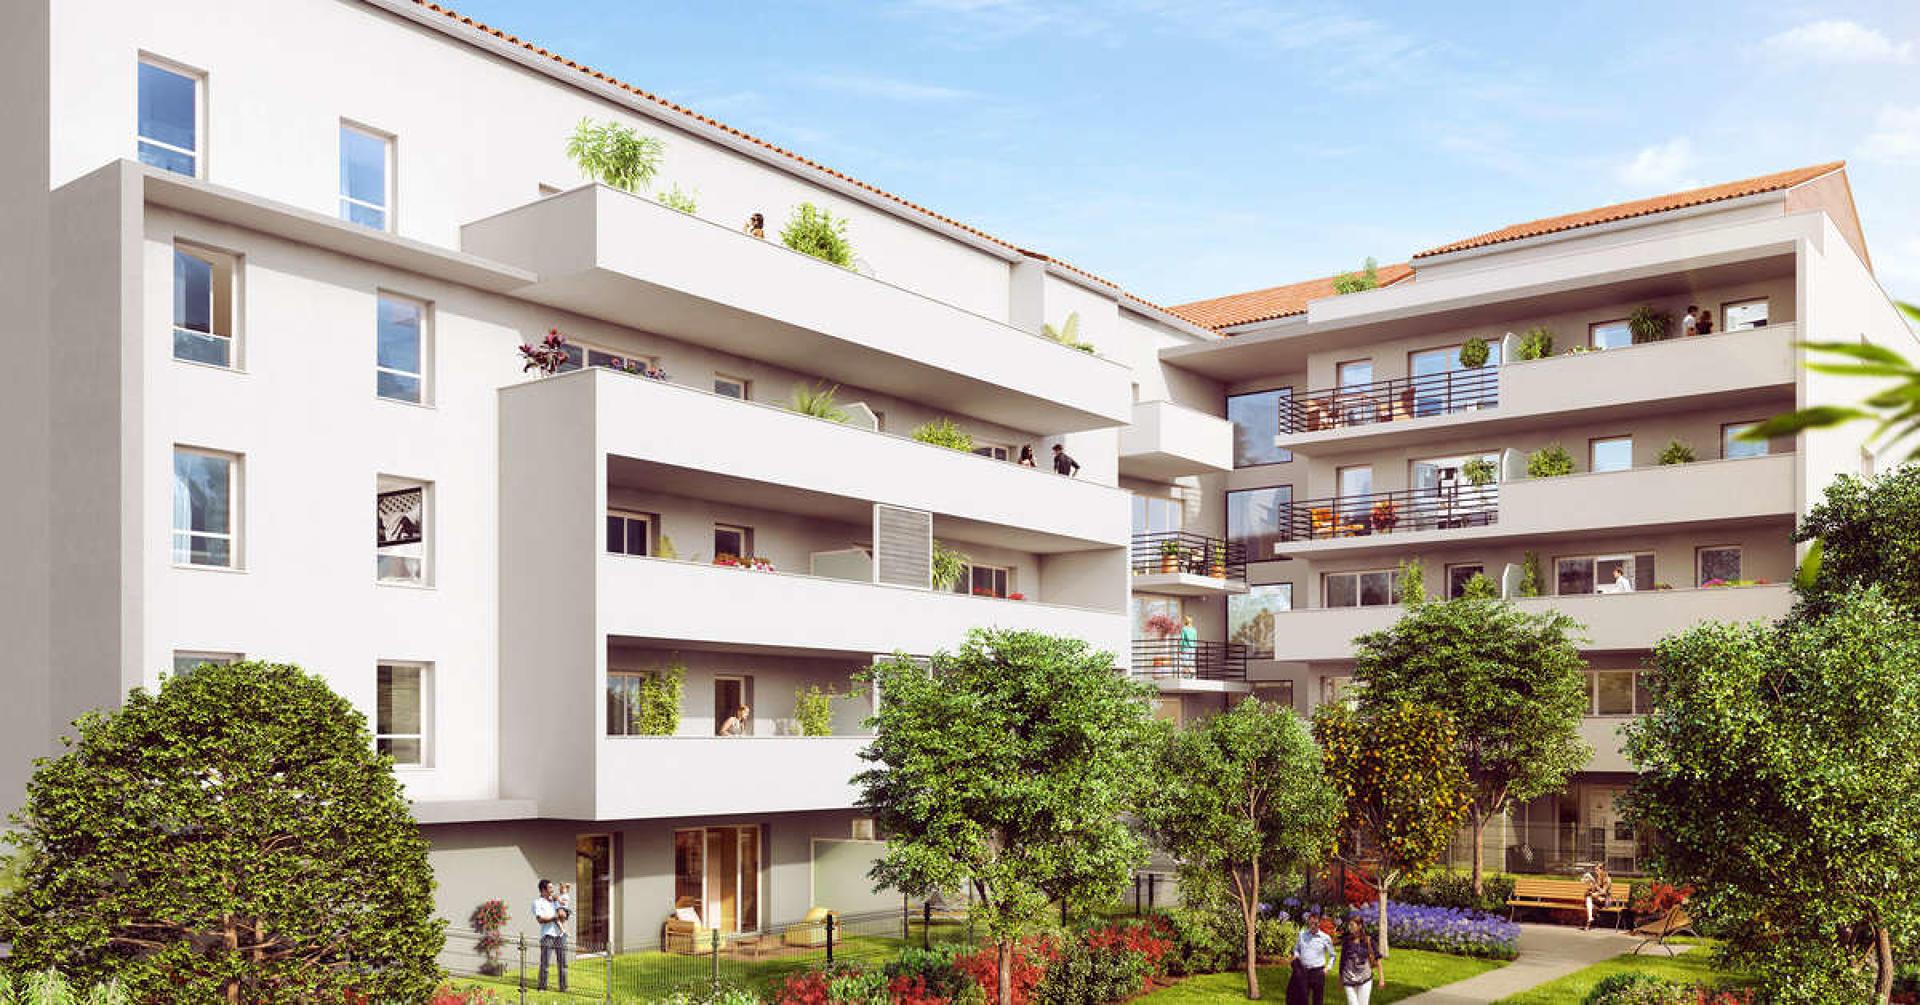 Programme immobilier CRA12 appartement à Marseille 10ème (13010) Quartier de La Timone